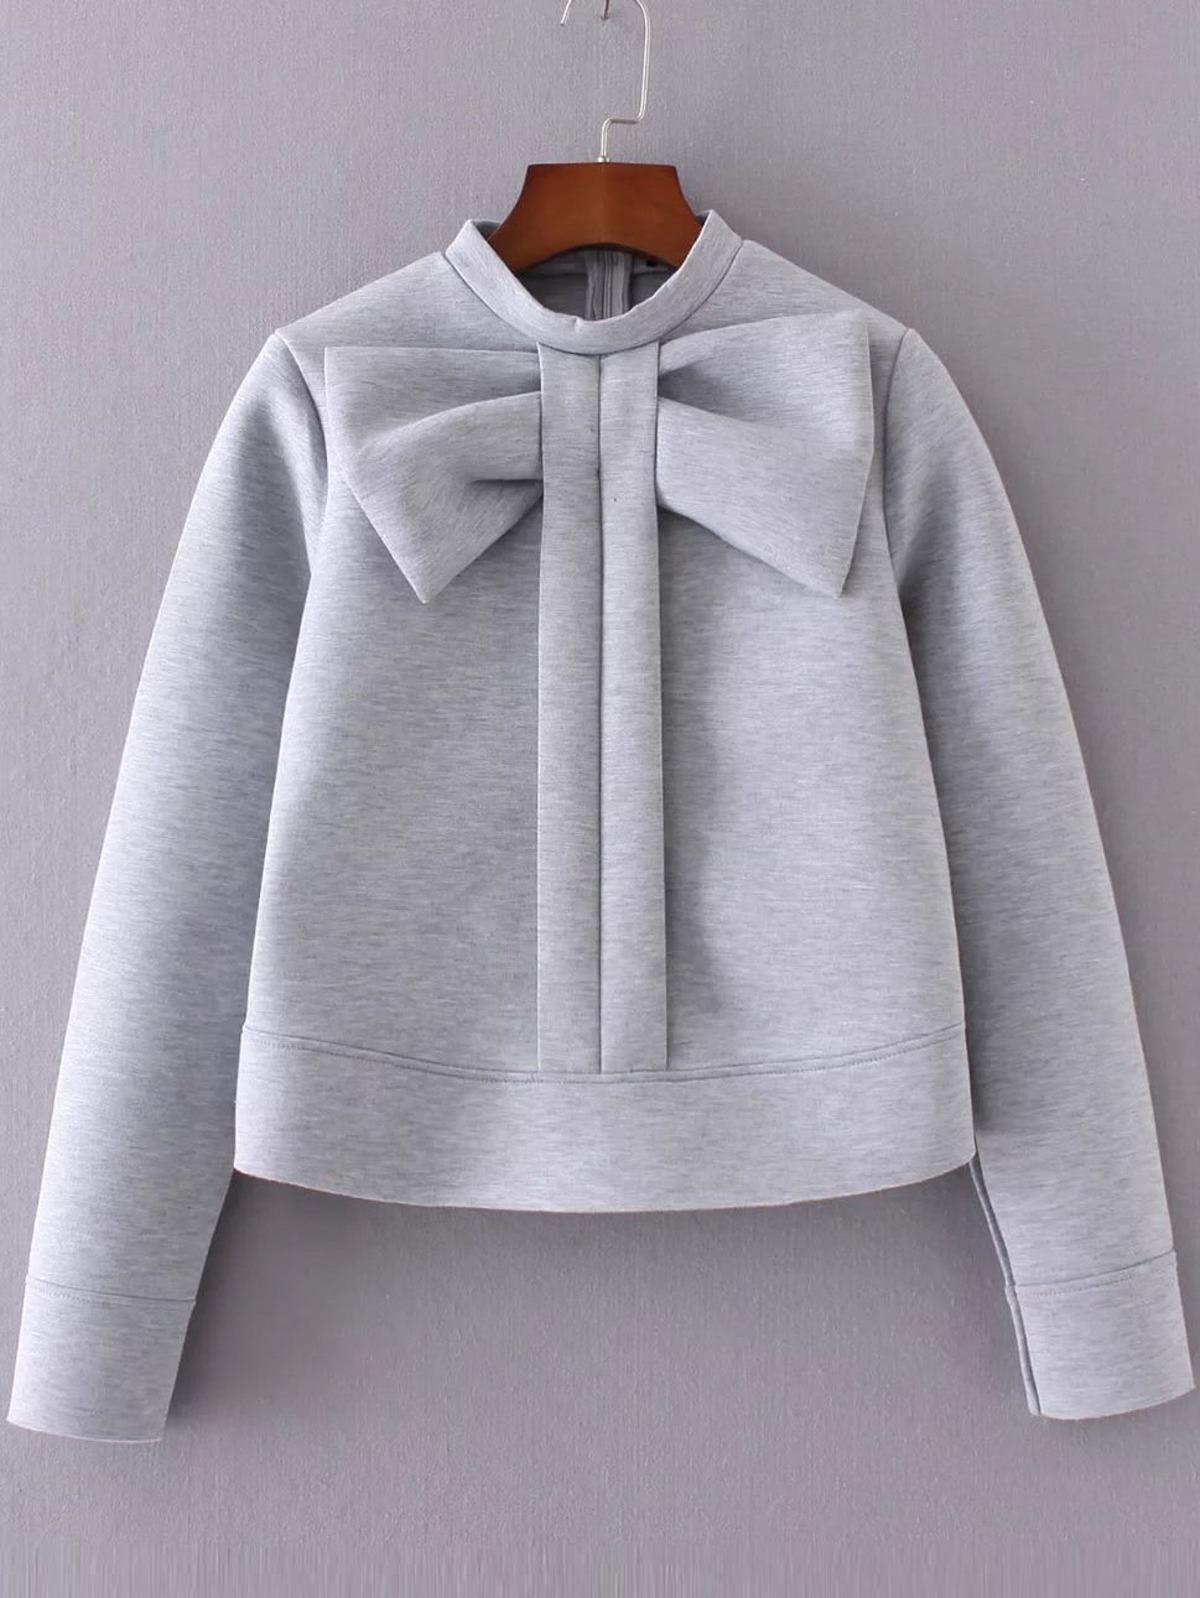 灰色 蝴蝶結 裝飾 圓領 T恤衫